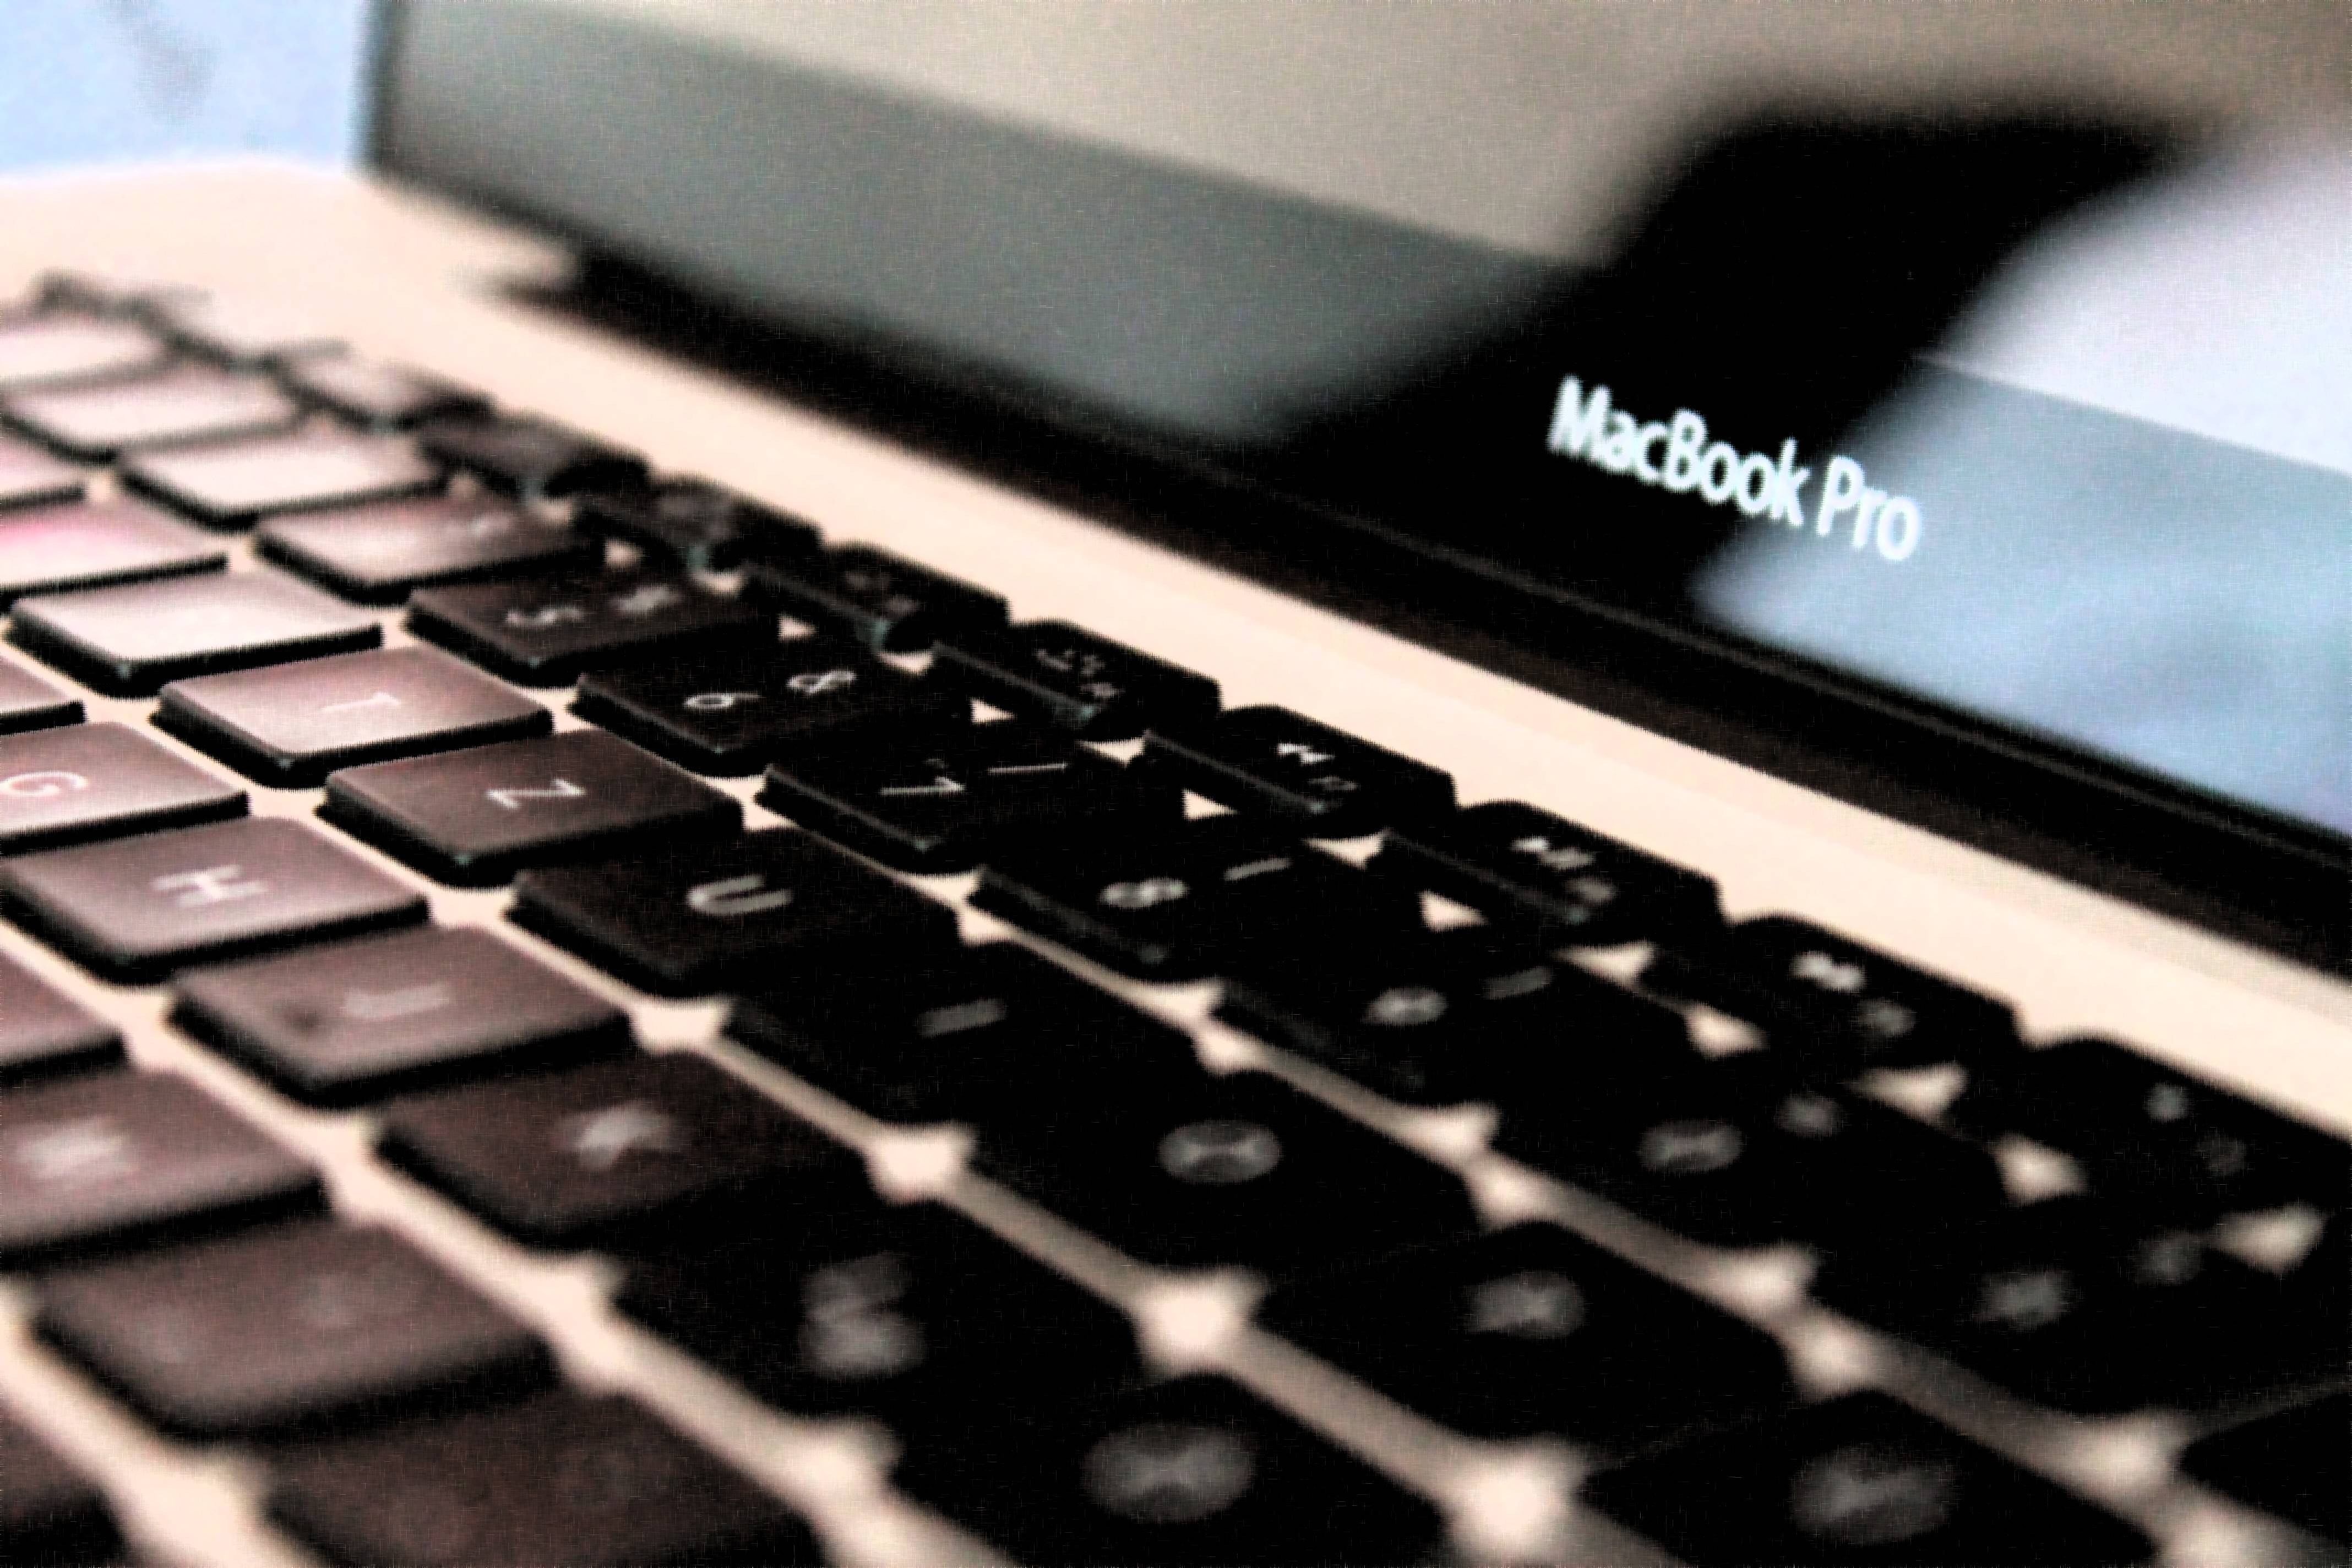 Macbook Pro 42722848 Wallpaper 2228395 4272x2848